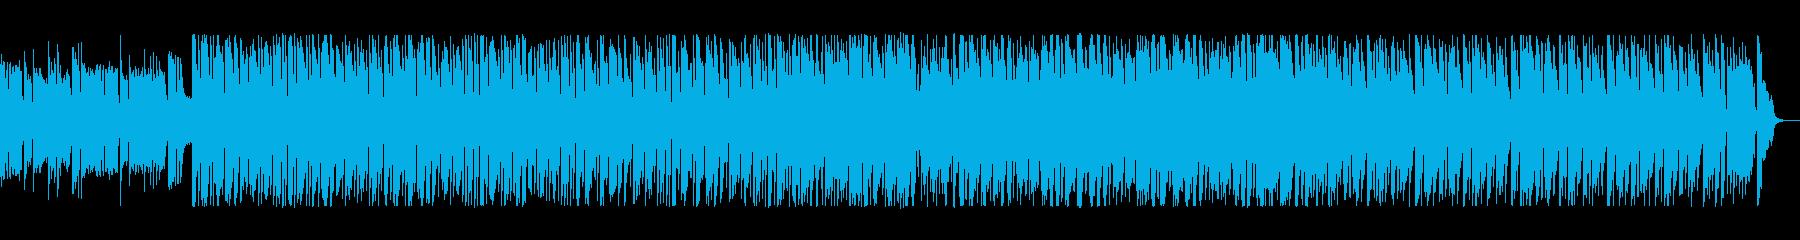 シンセのコミカルな旋律が印象的なポップスの再生済みの波形